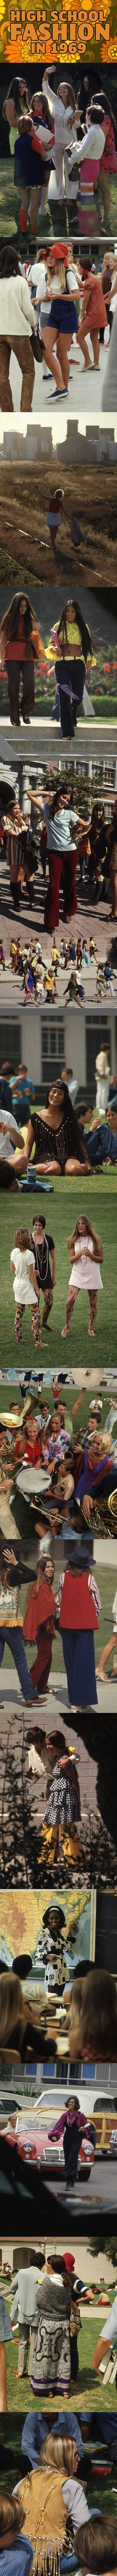 cool-high-school-fashion-1969